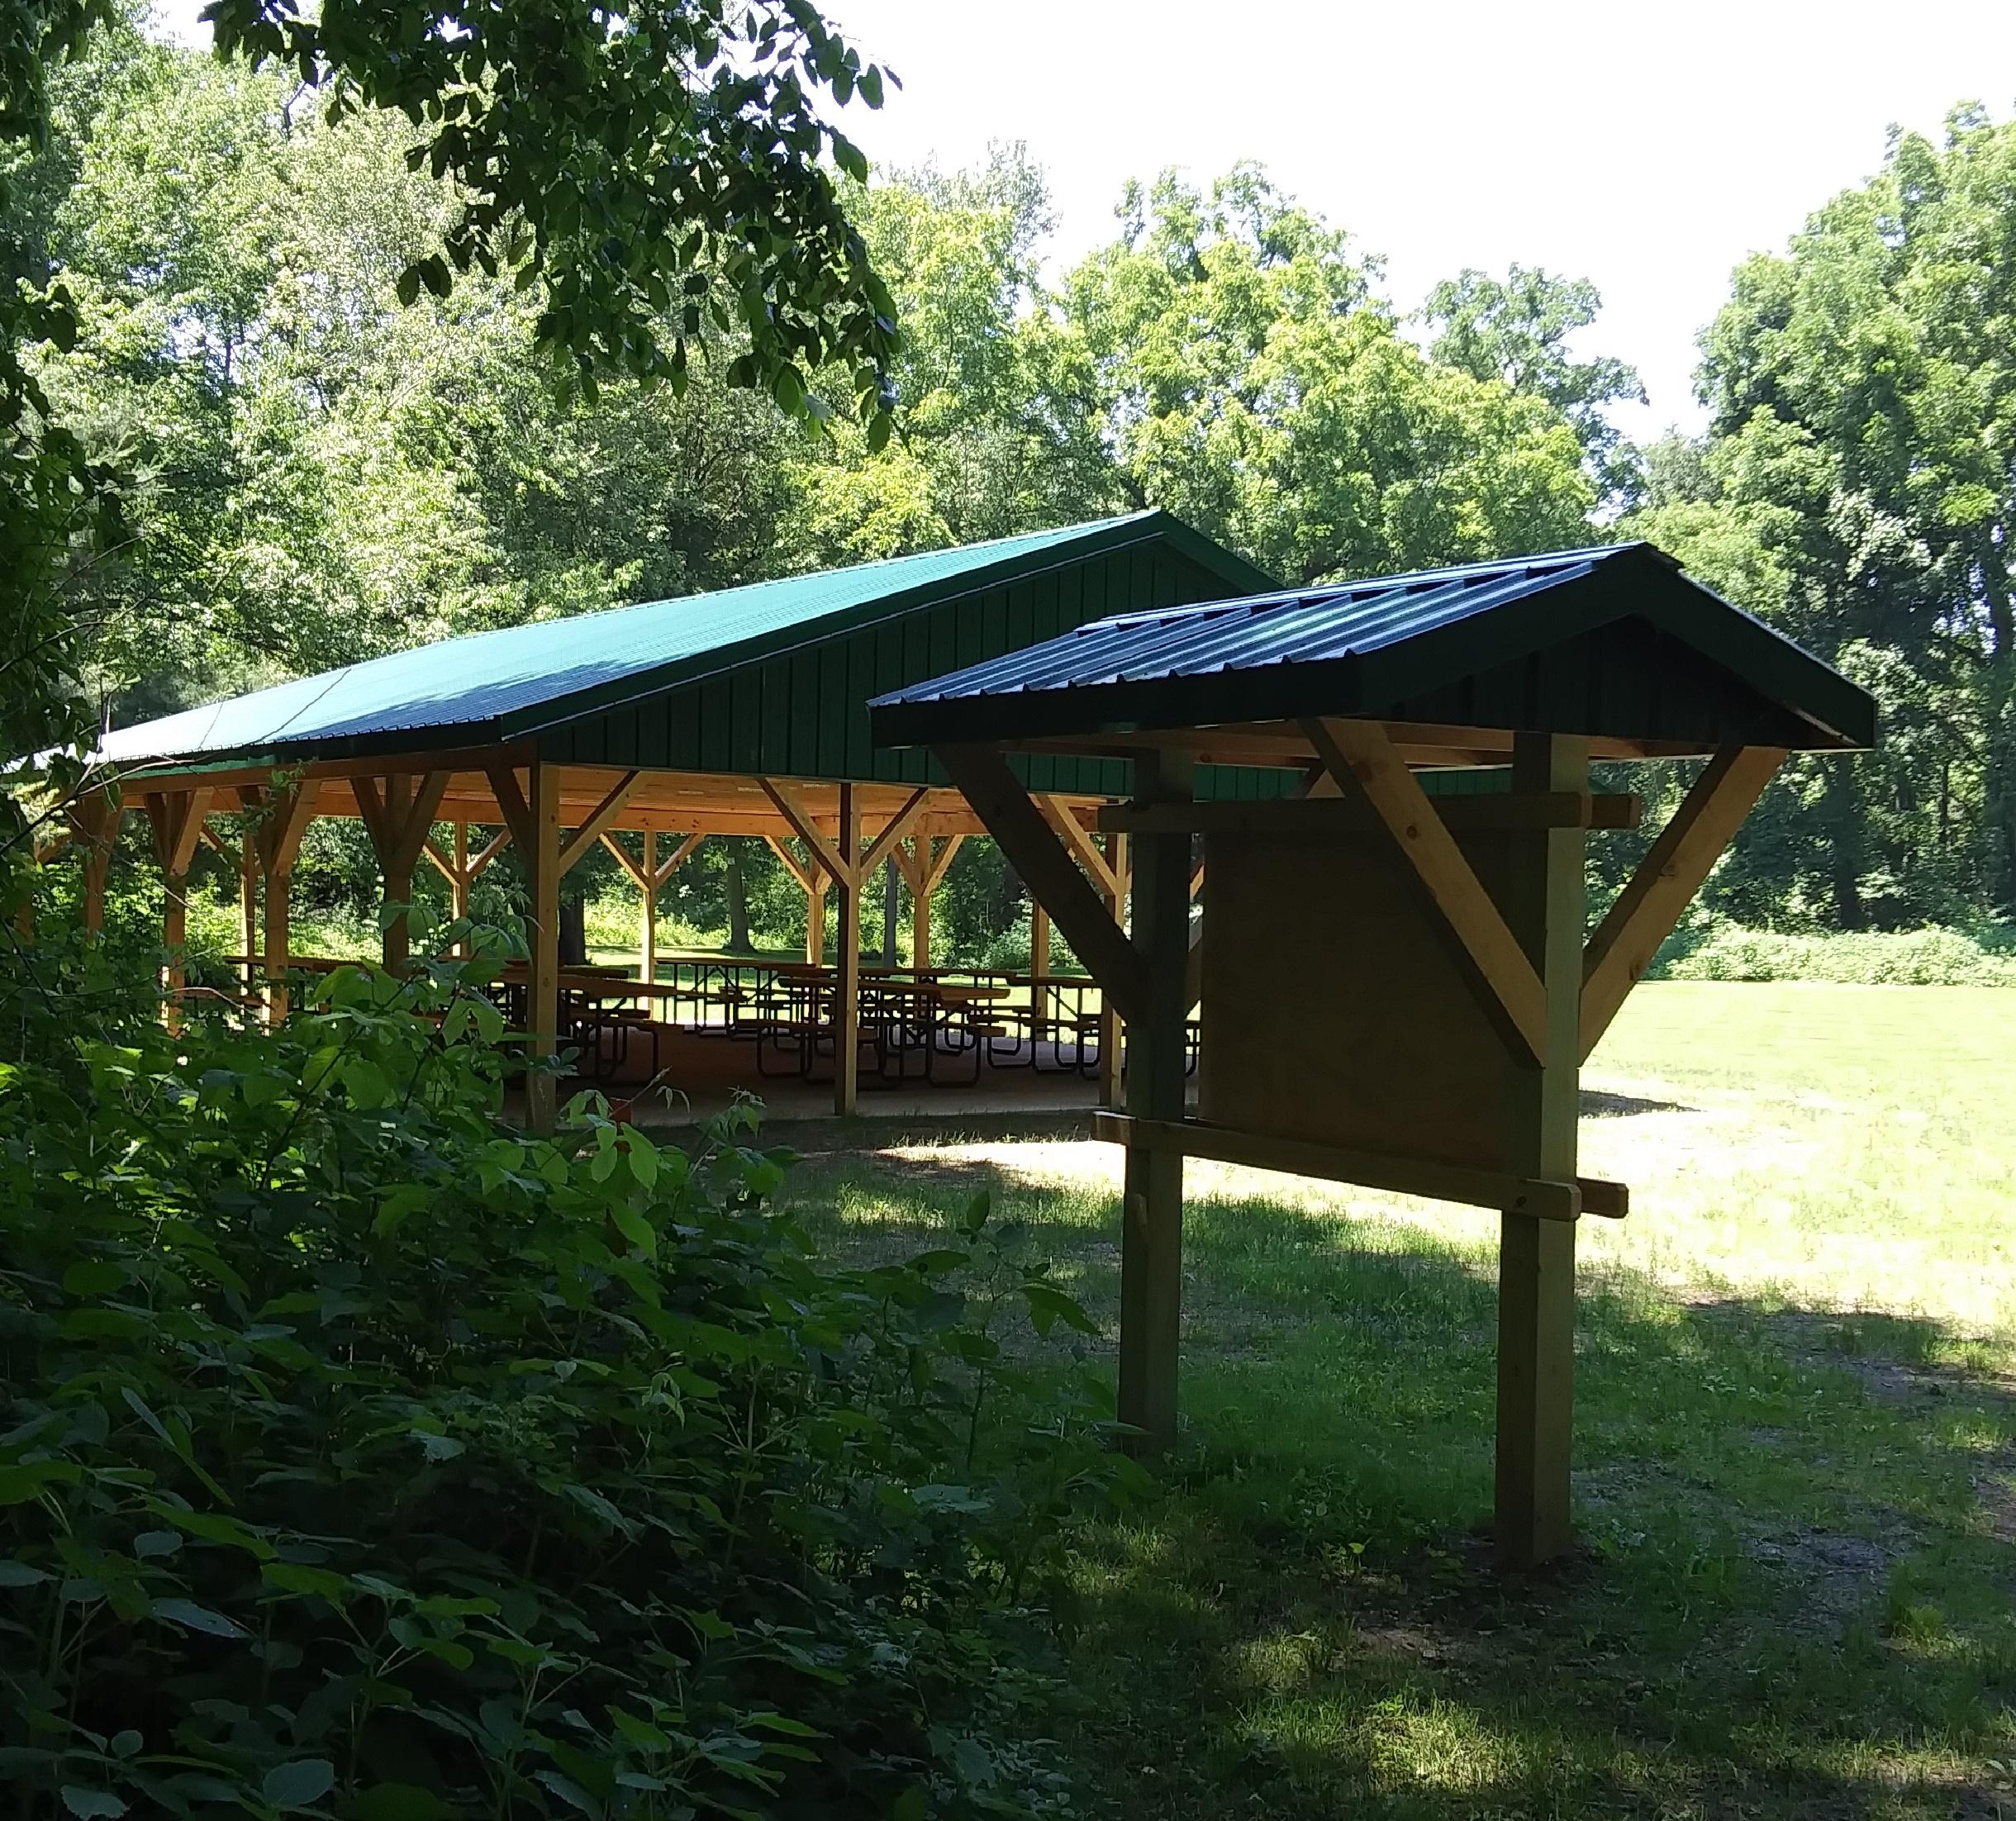 Camp Peet